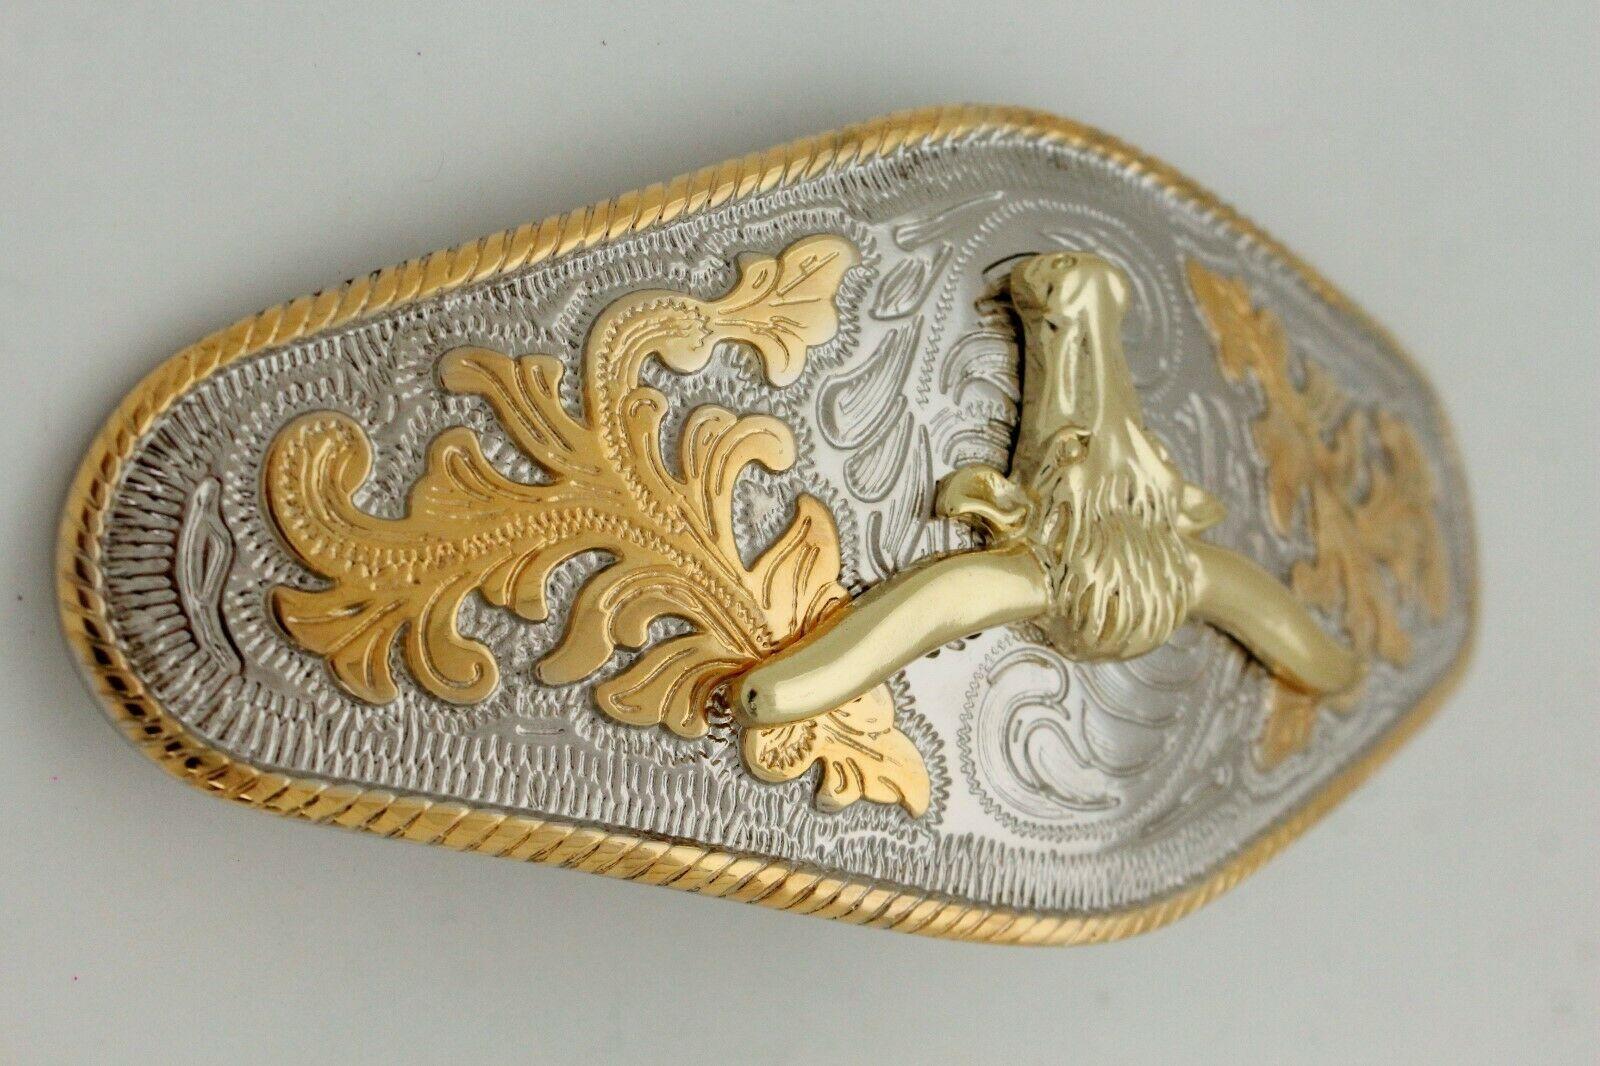 Hombre Western Cowboys Cinturón Hebilla Metal Plata Rodeo Largo Oro Texas Cuerno image 3